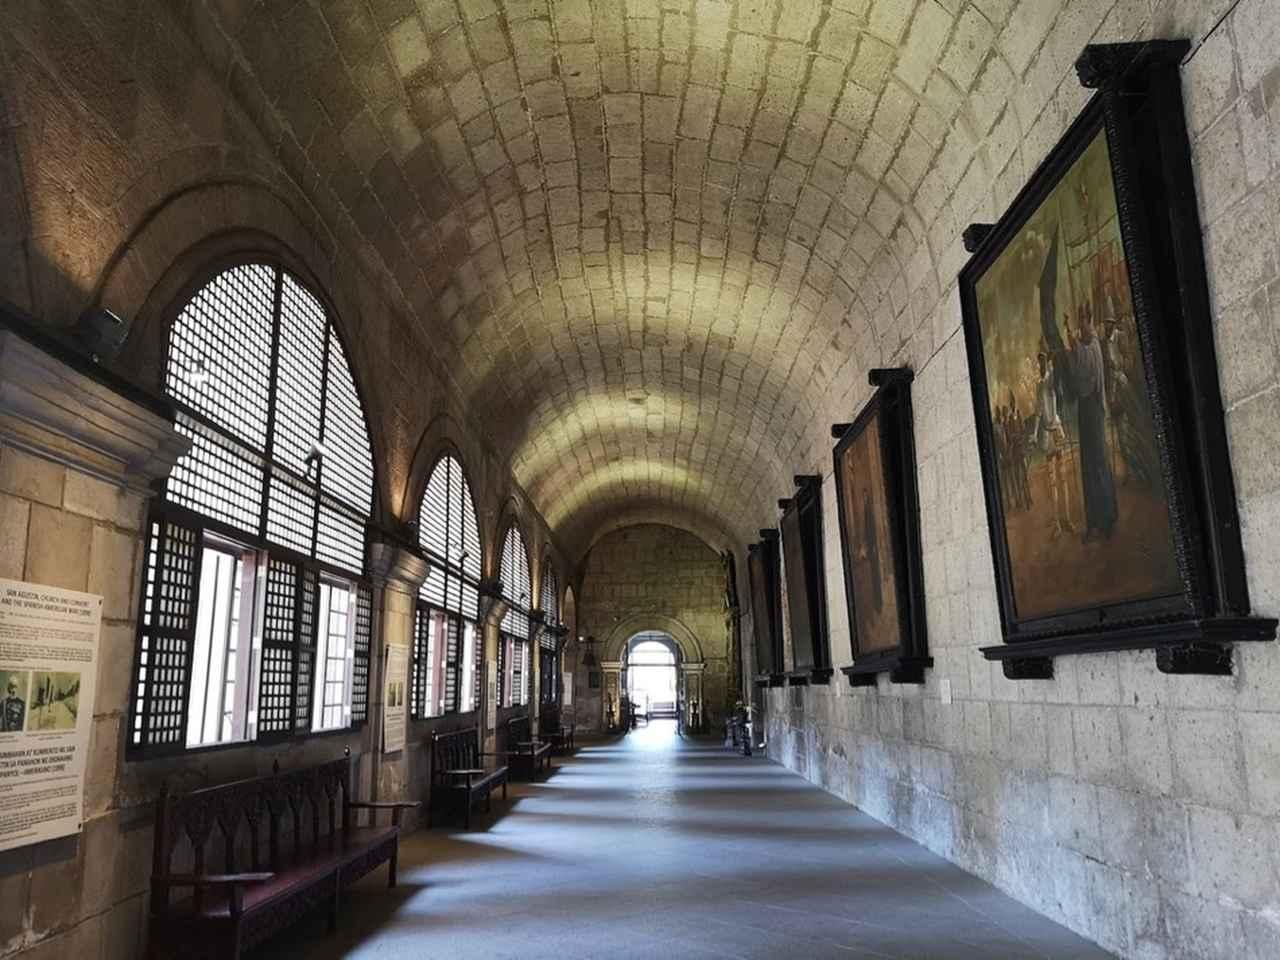 画像: 中庭を取り囲む回廊や小部屋に、さまざまな絵画や像が並ぶ